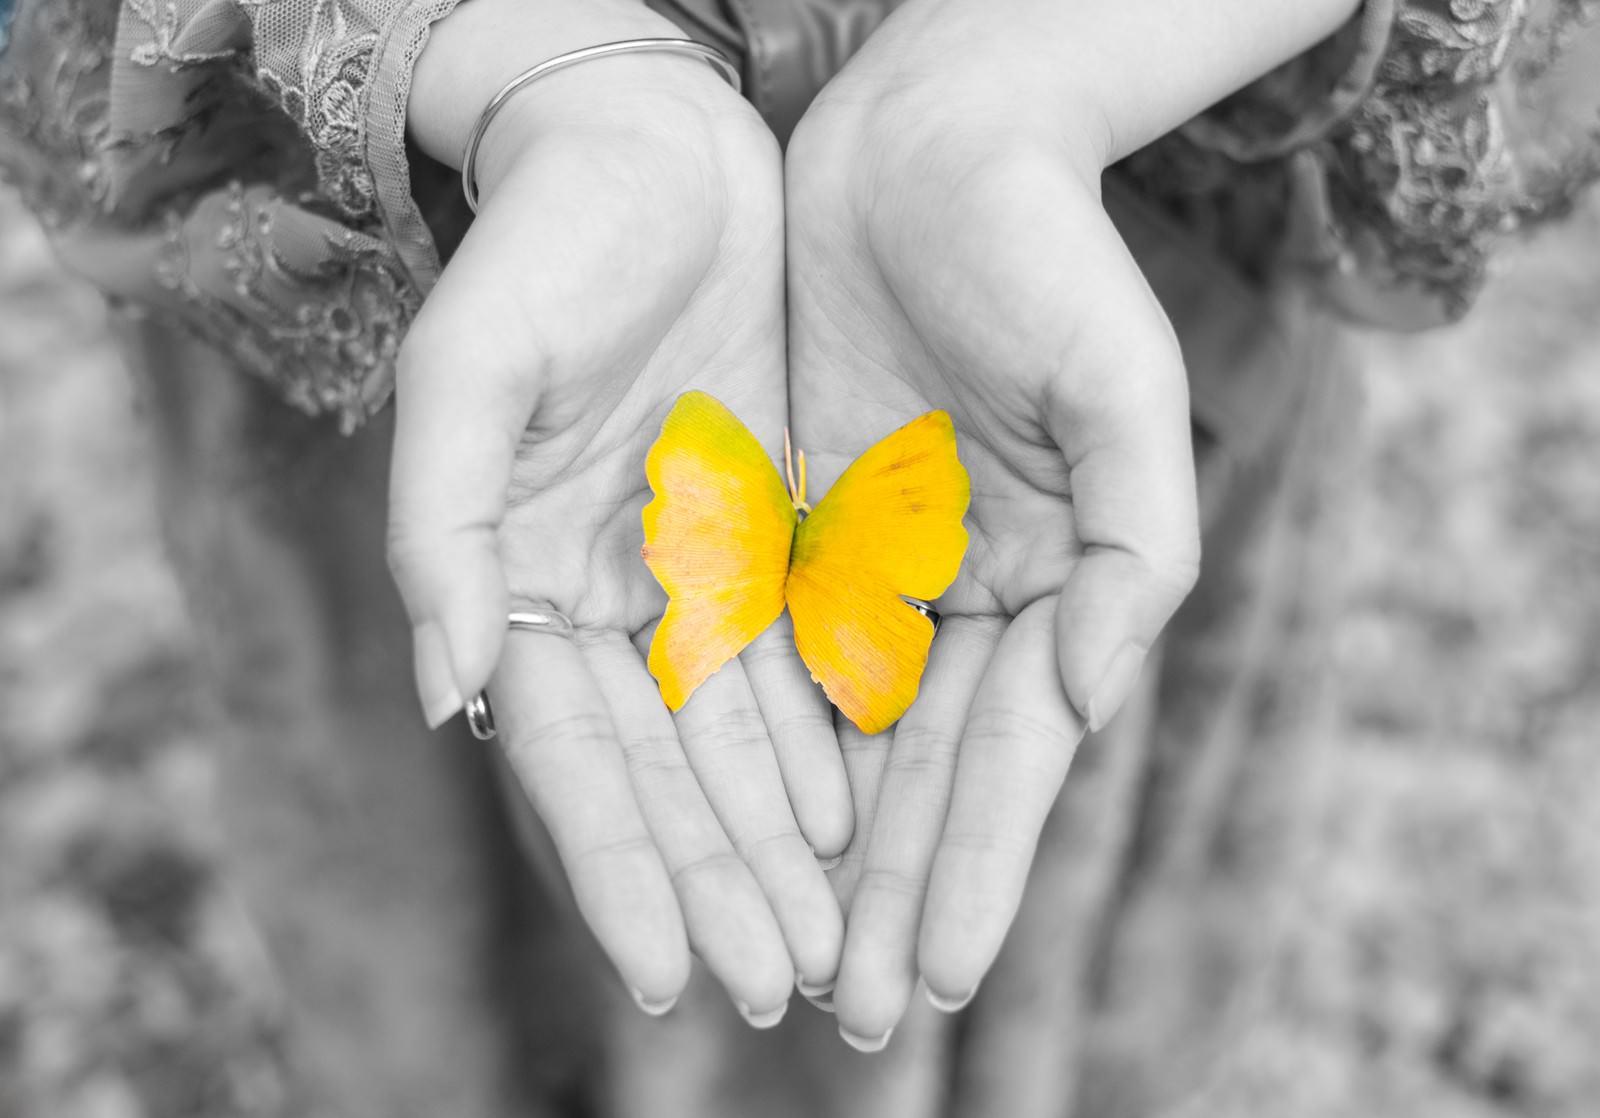 「手のひらの黄色い蝶(紅葉した銀杏の葉)」の写真